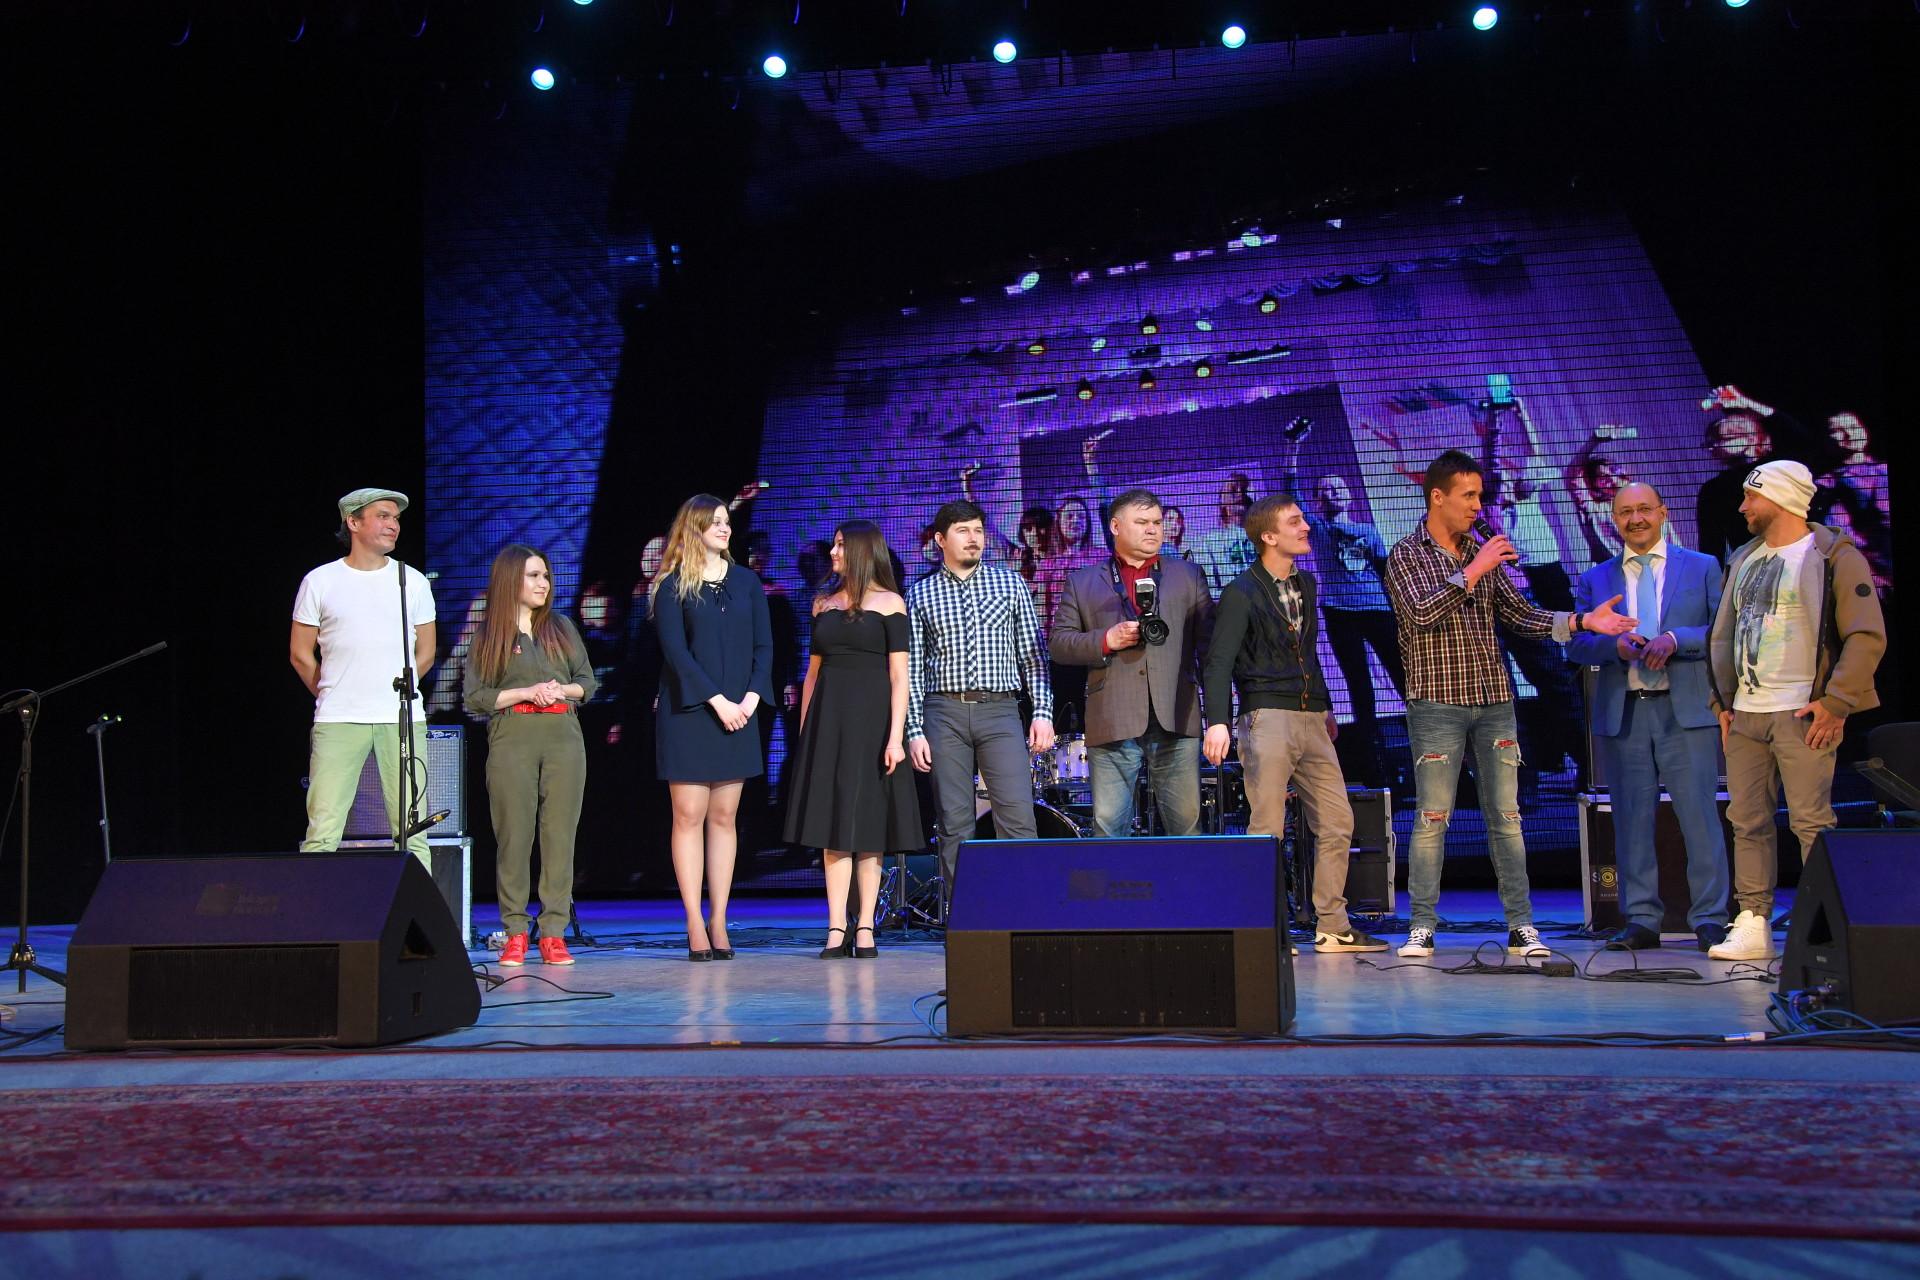 Команда проекта на сцене – Церемония награждения победителей народного рейтинга проекта «Любимые Художники Башкирии» за 2018 год!